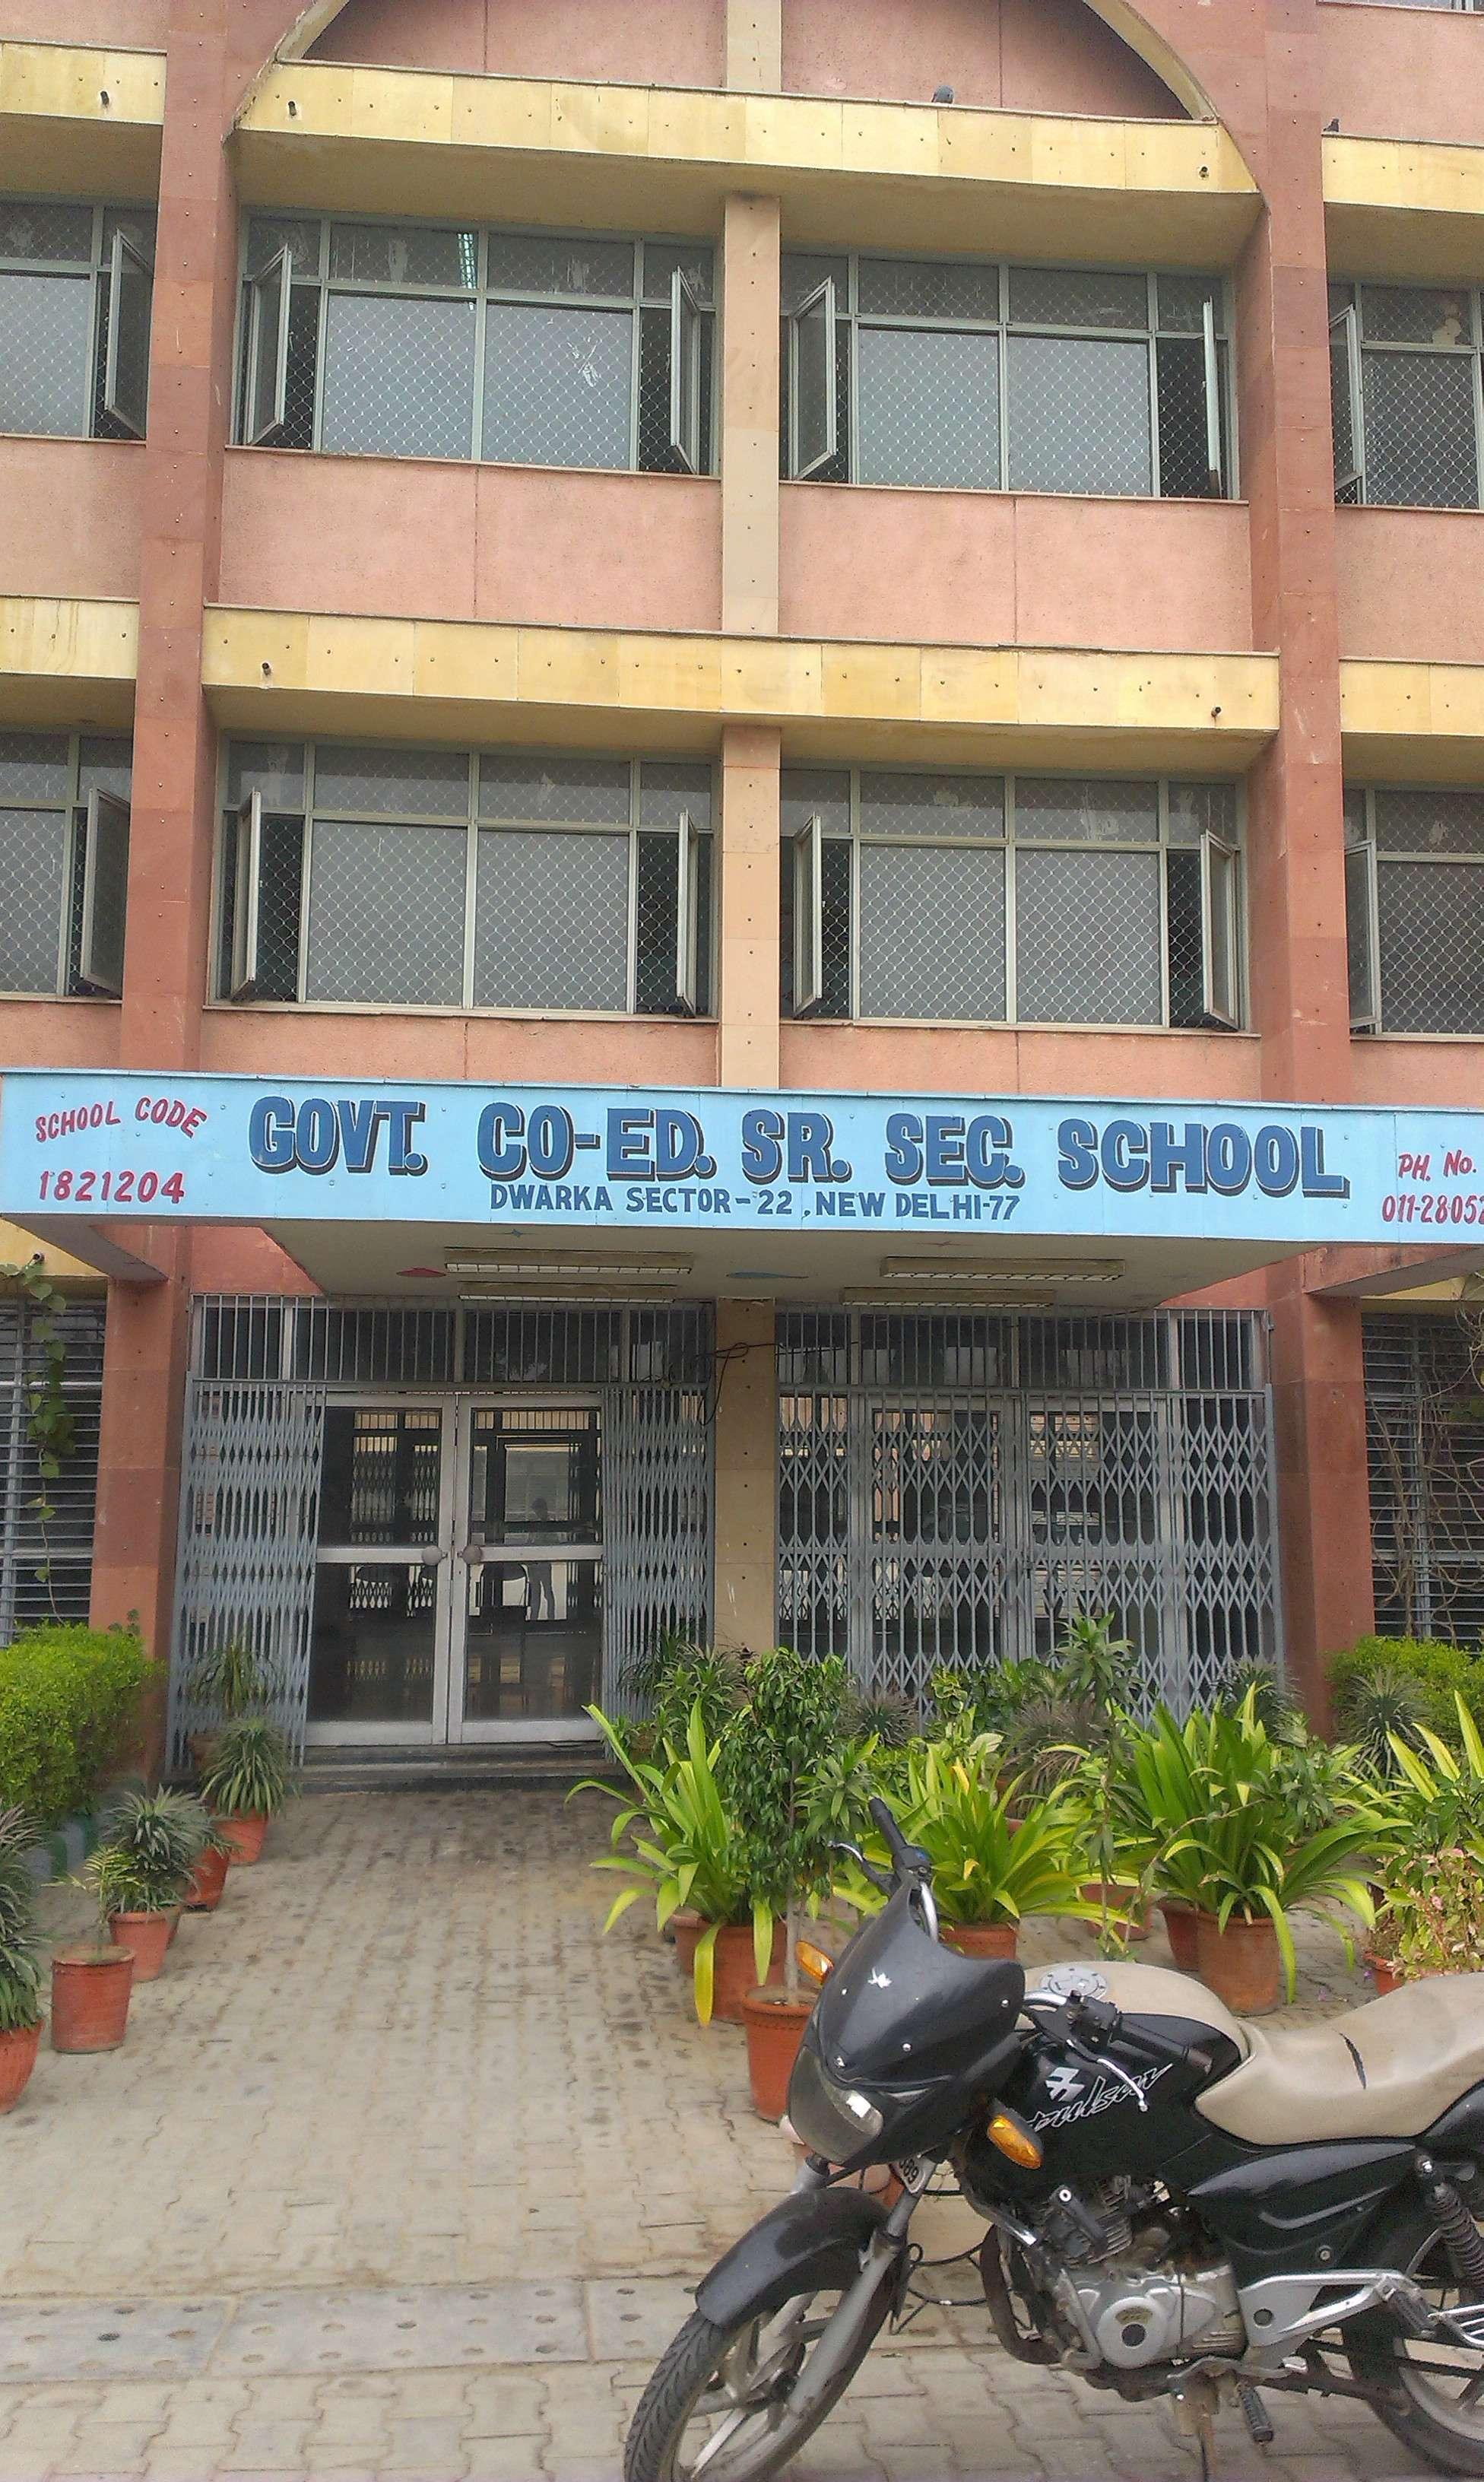 GOVT  CO-EDUCATION SR SEC  SCHOOL SECTOR-22, DWARKA, NEW DELHI - The